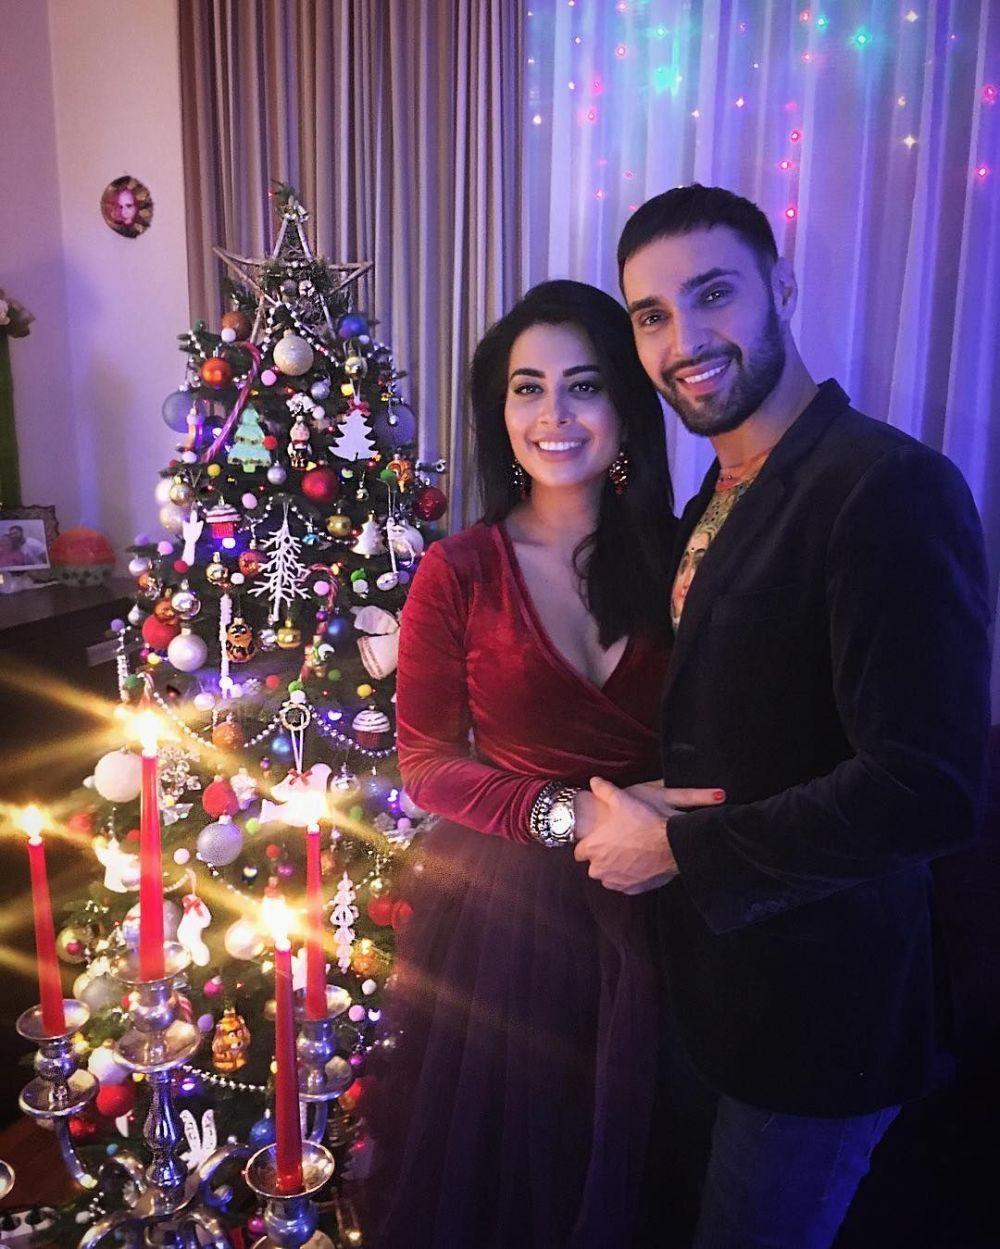 Виталий Козловский решил отметить Новый год в уютной обстановке дома со своей девушкой